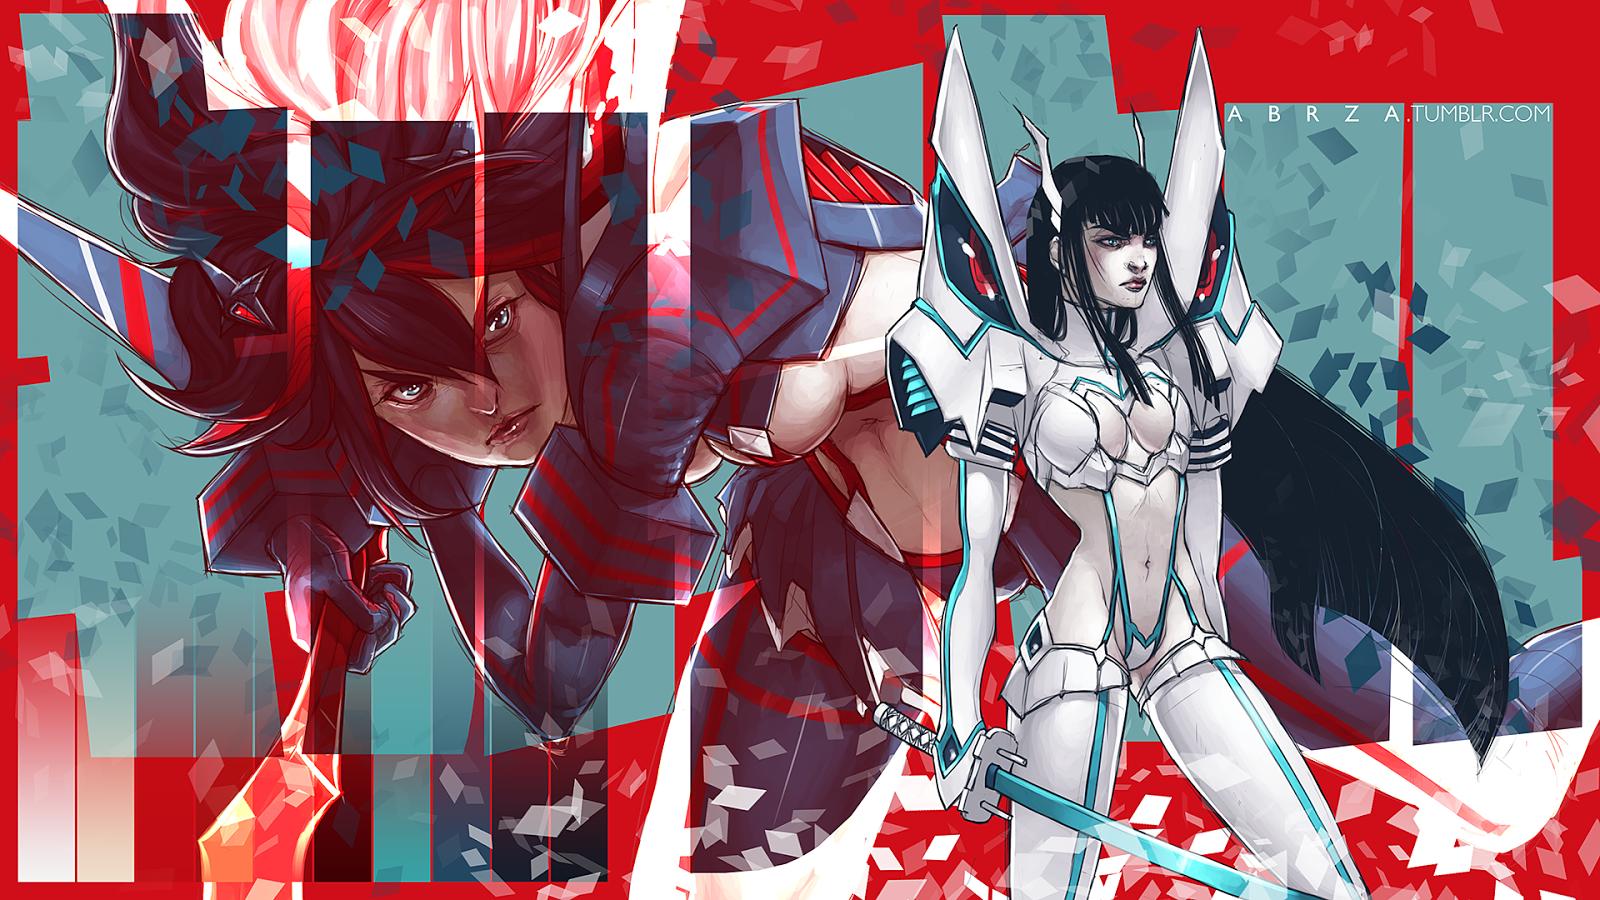 will see Kill la Kill HD Wallpaper feel to save Kill la Kill 1600x900